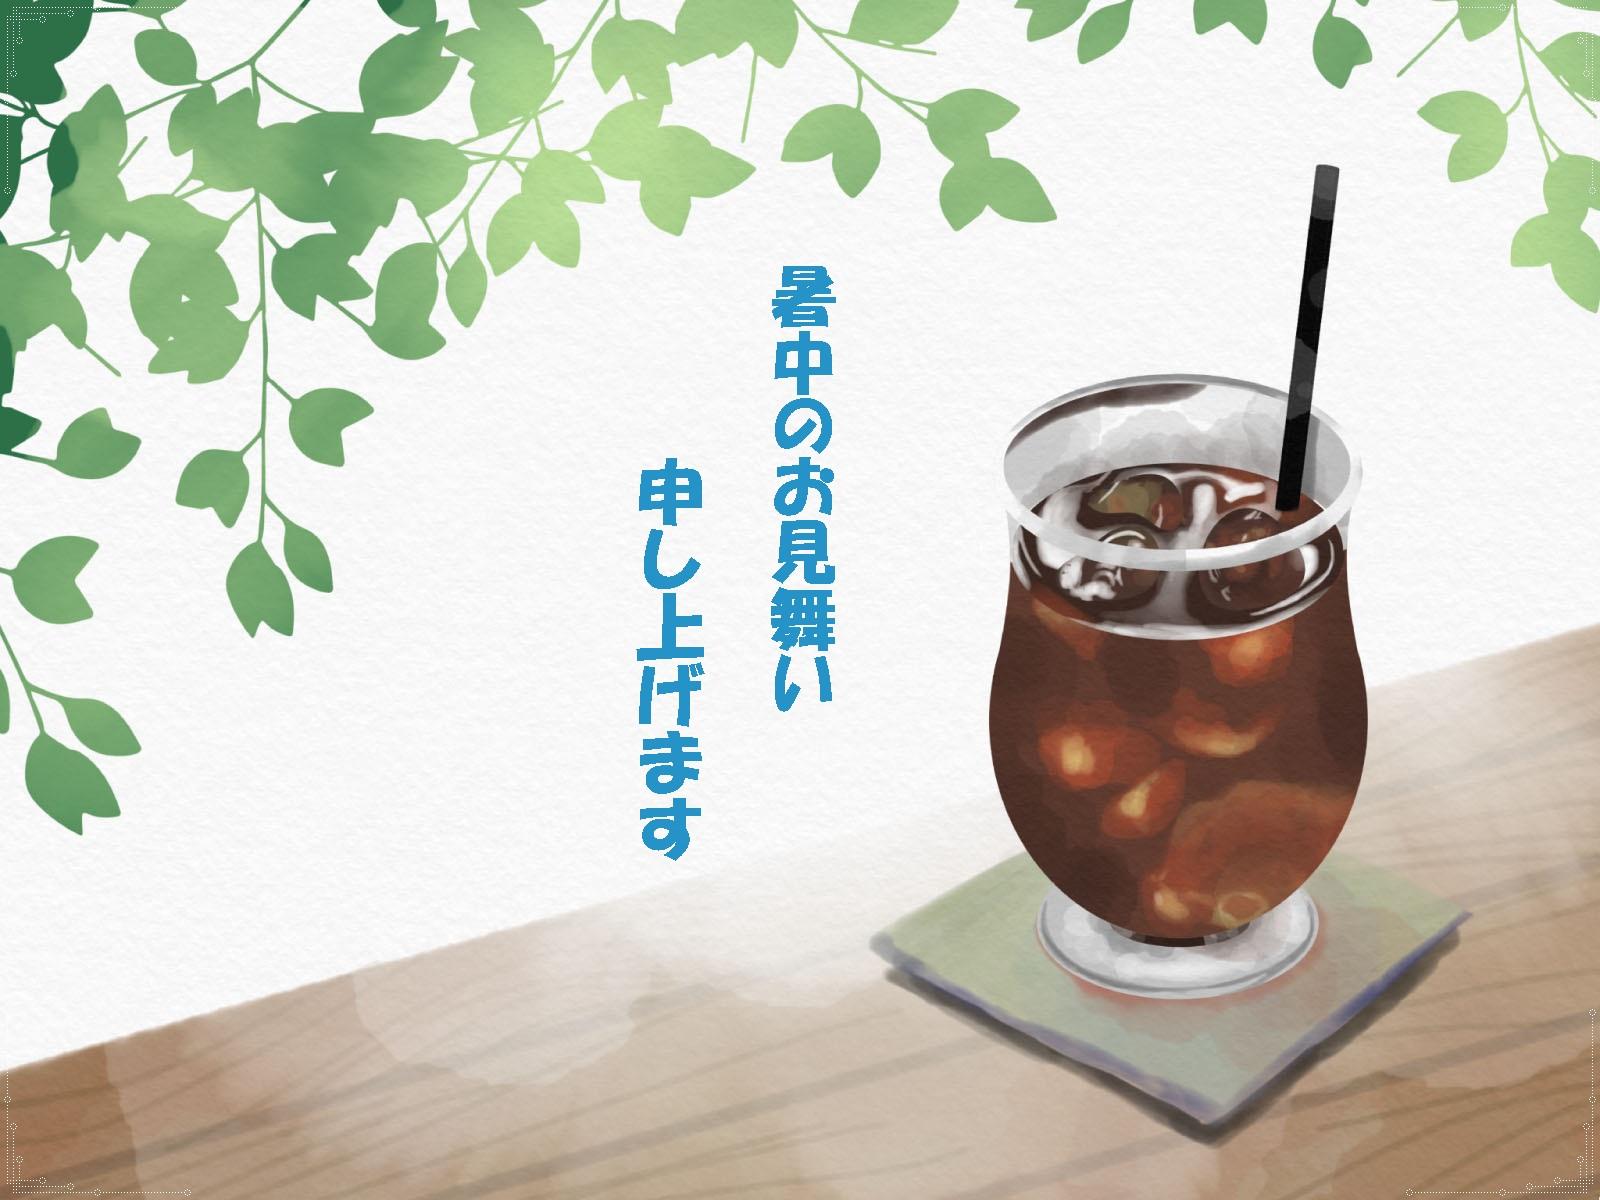 【臨  時】営業時間変更のお知らせ